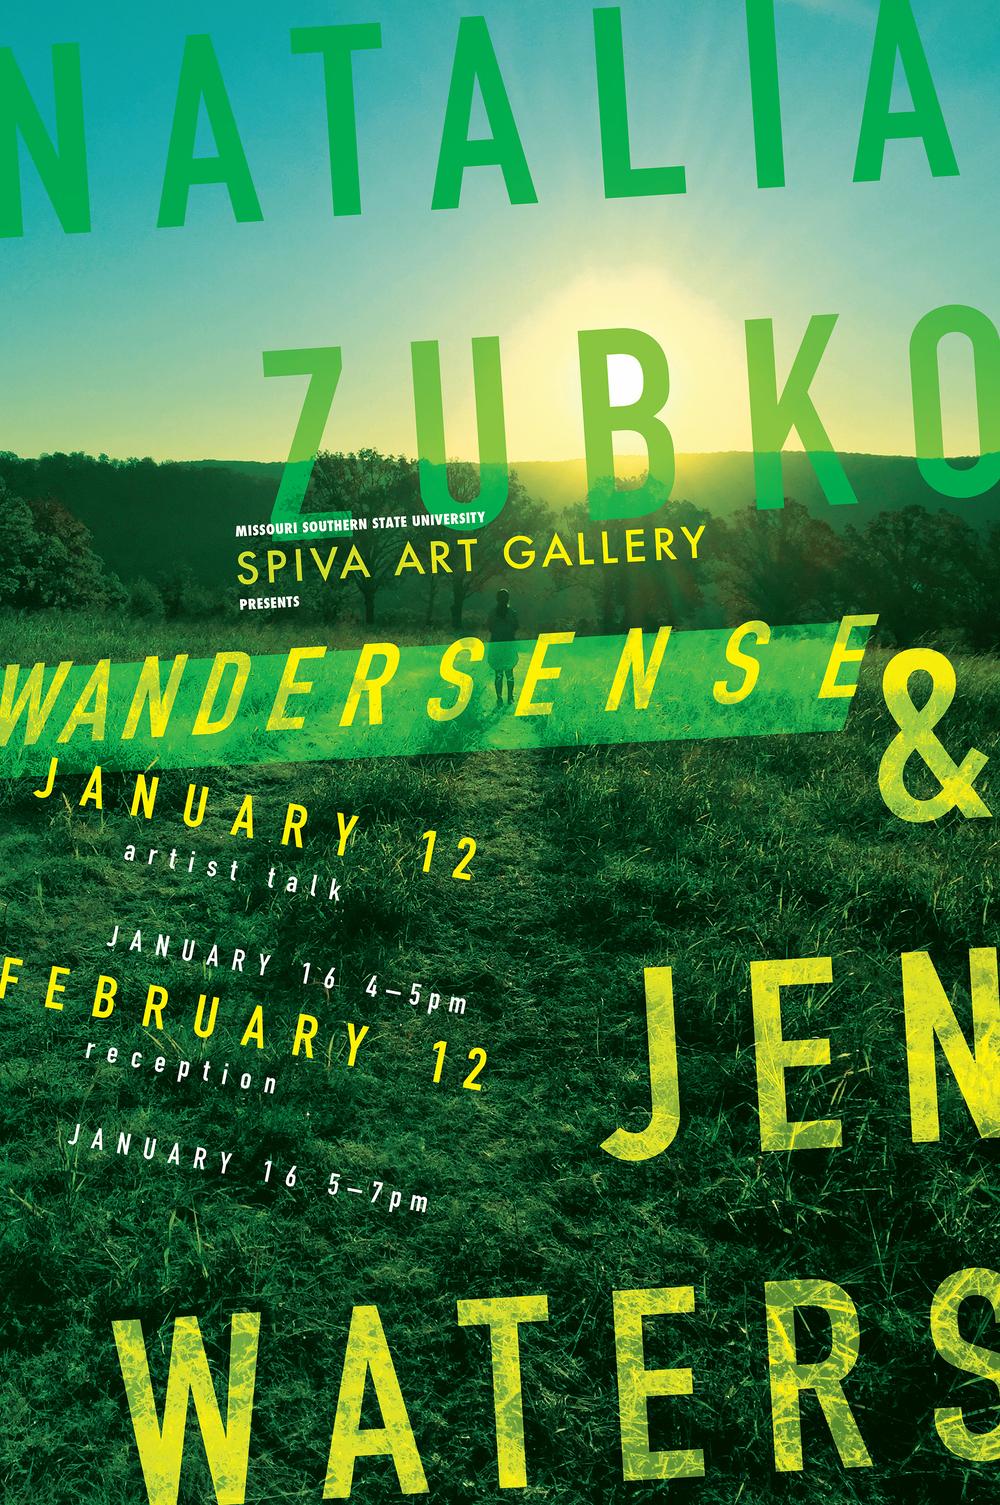 Natalia Zubko & Jen Waters, Wandersense